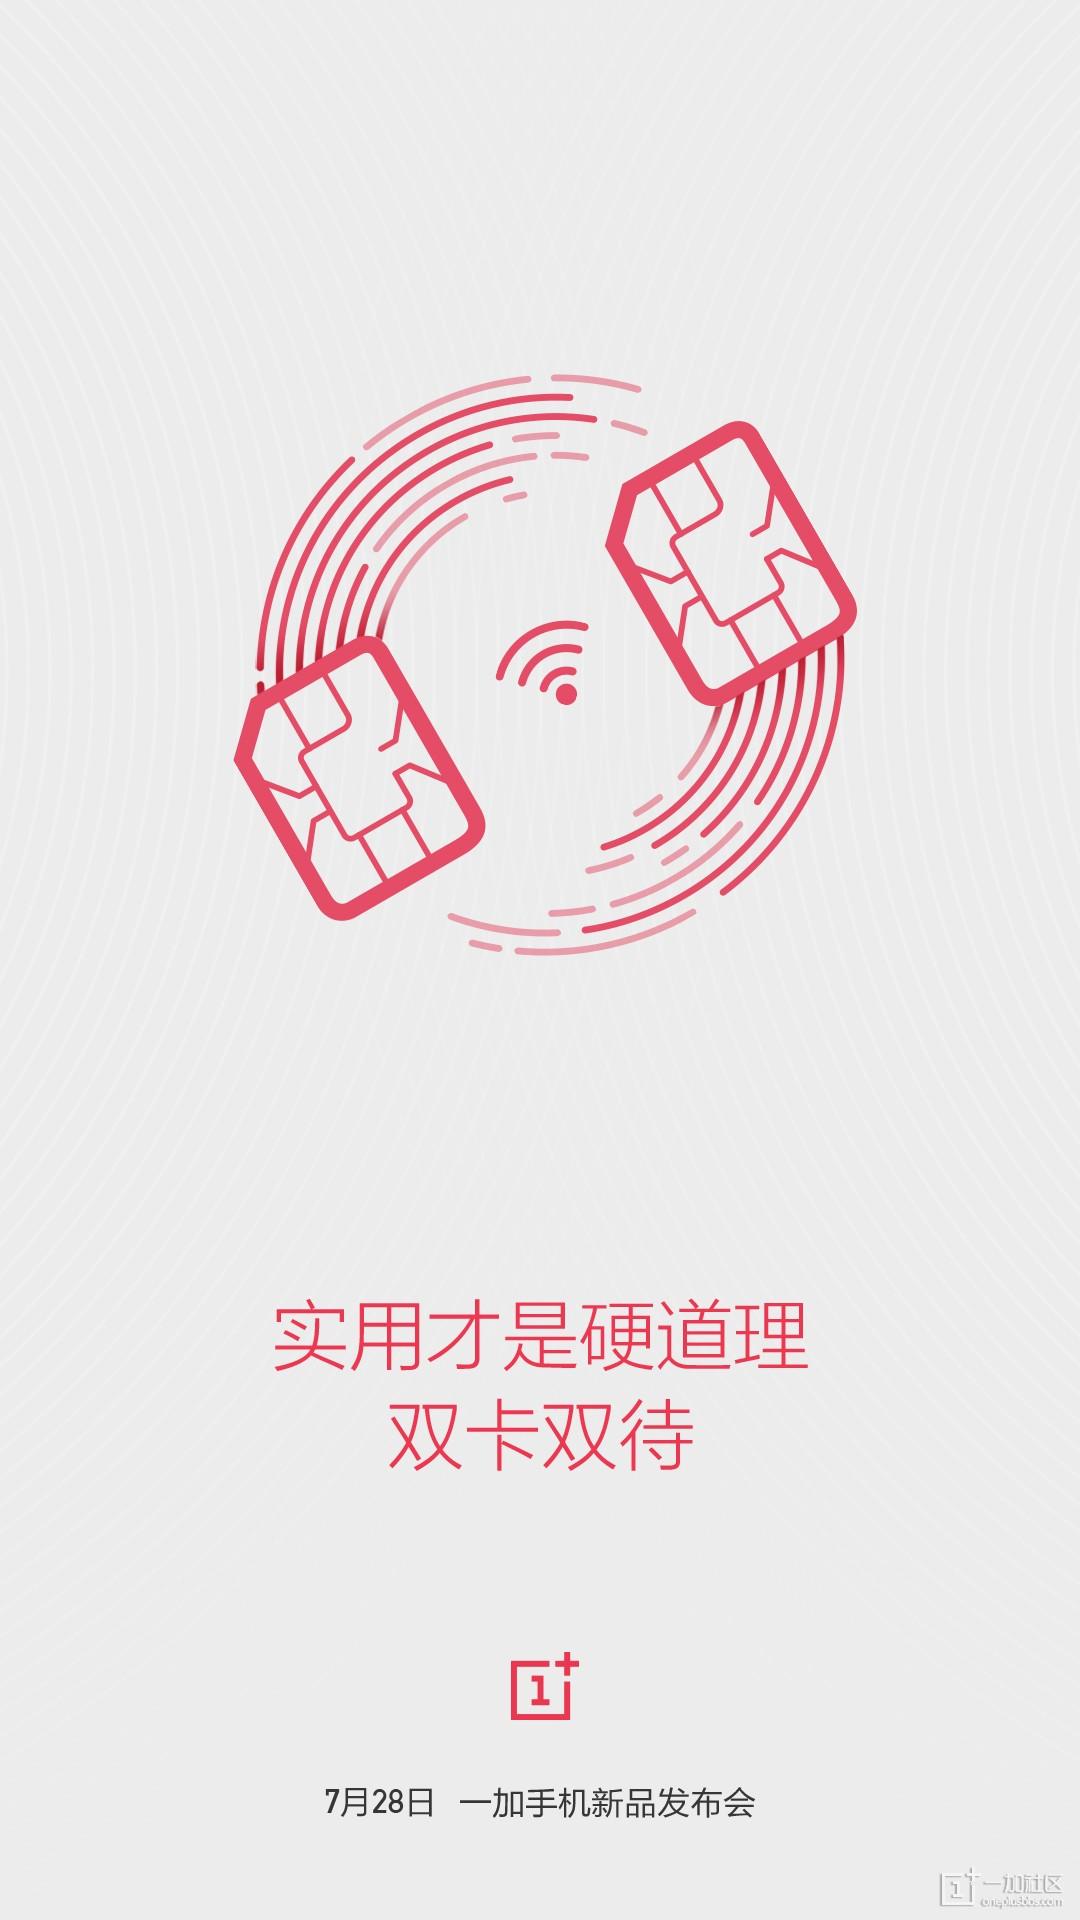 双卡双待1080x1920.jpg